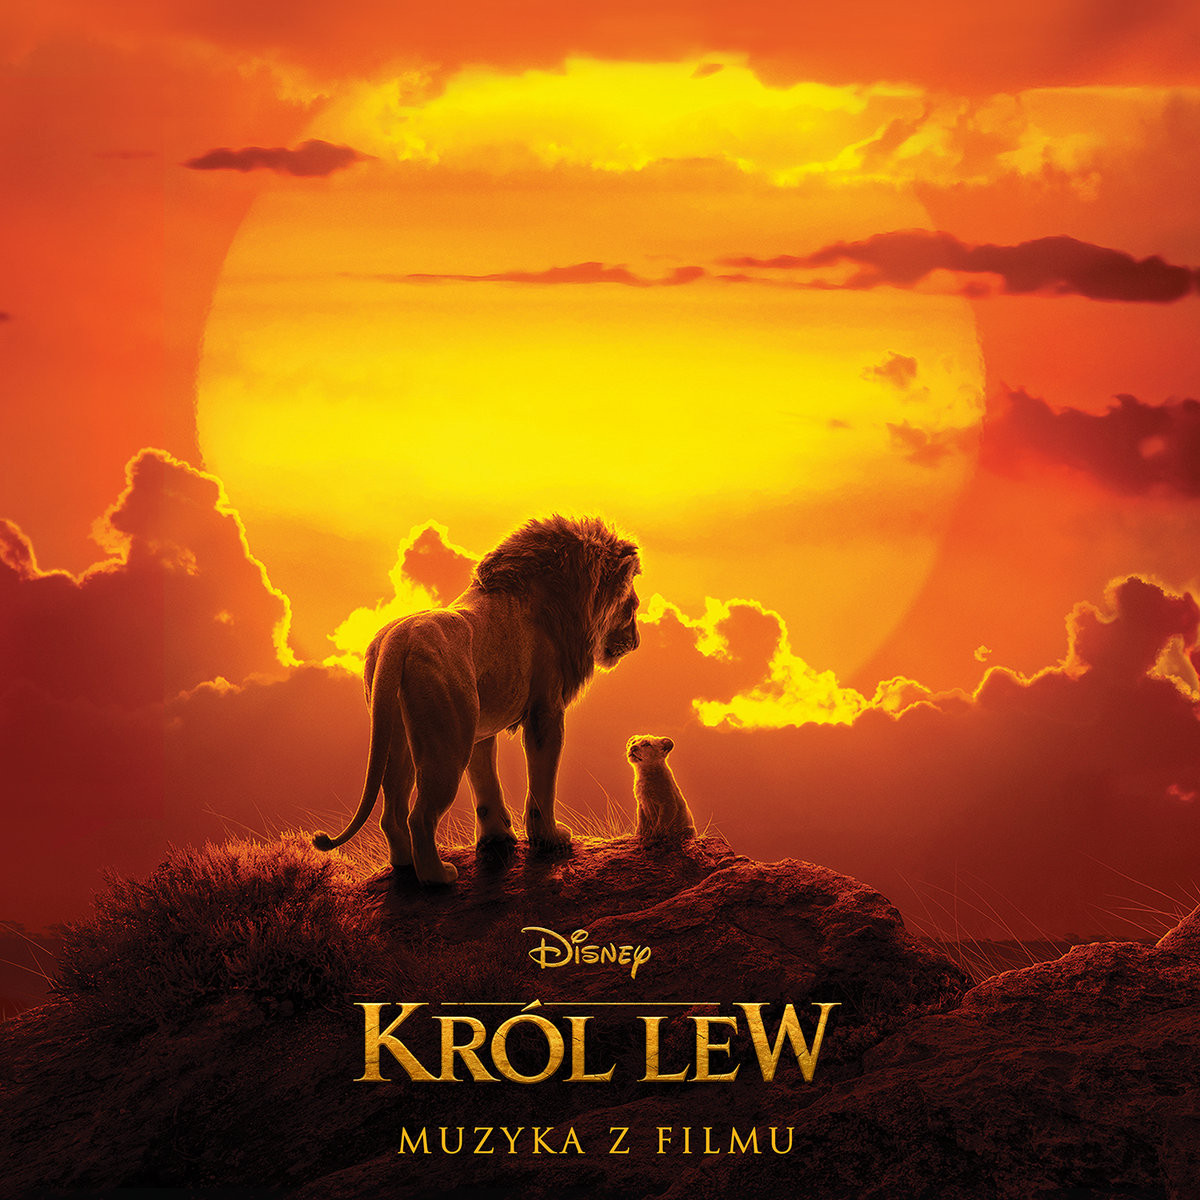 Król Lew (2019) - okładka polskiego wydania soundtracku CD